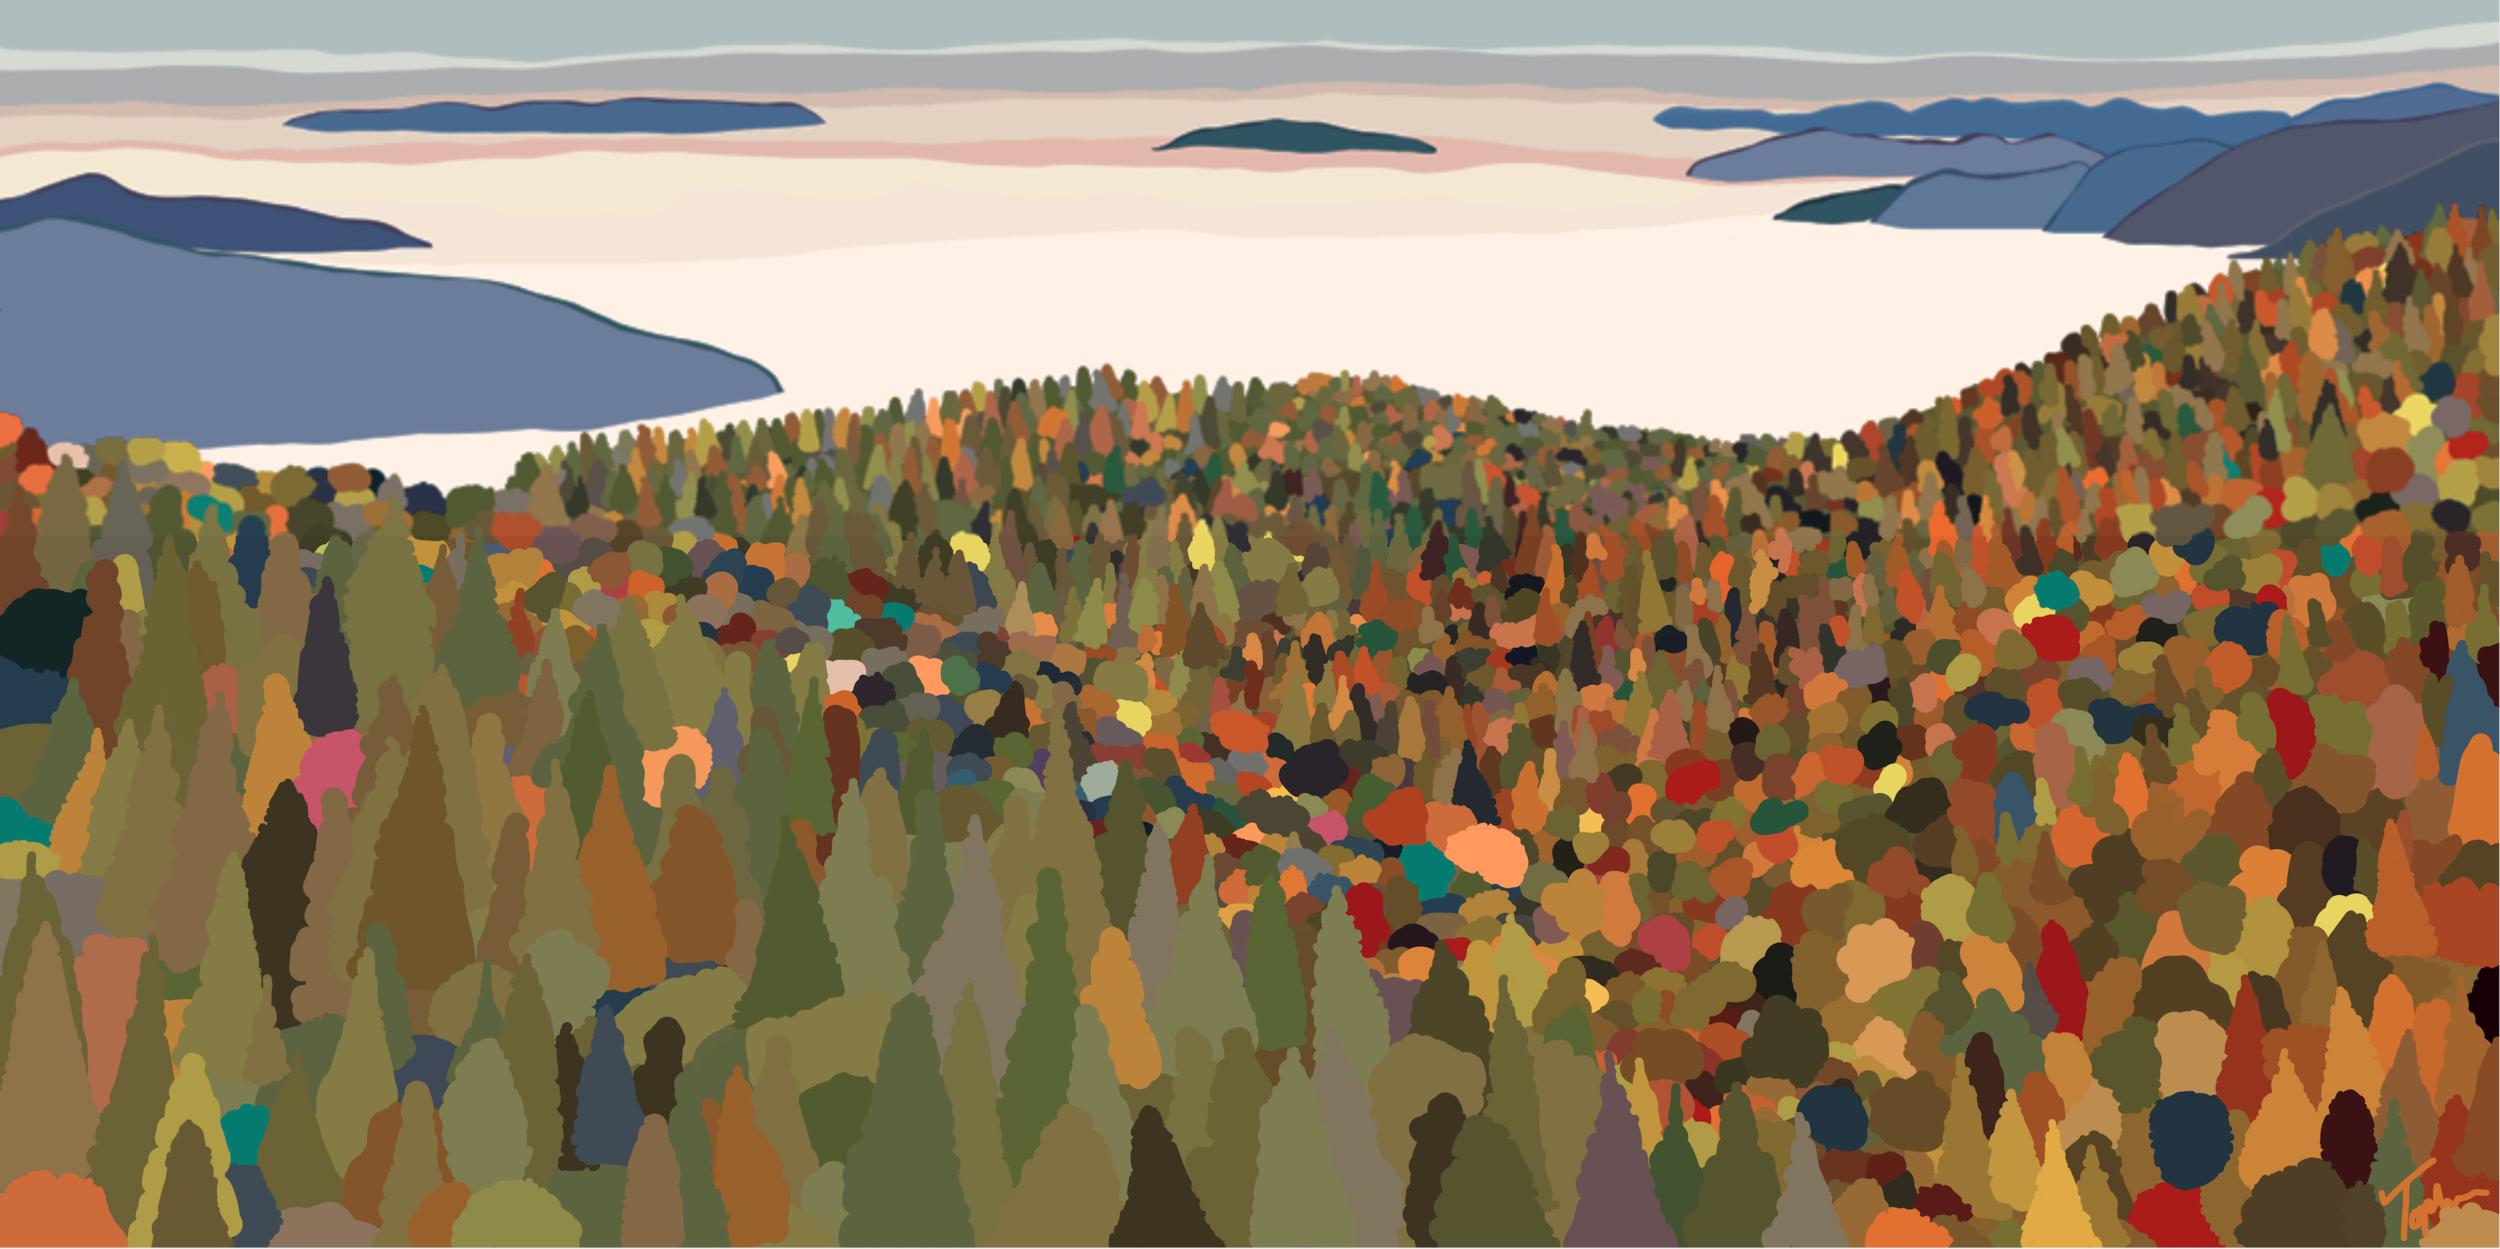 Shenandoah National Park  , 2019  Dye Sublimation on Aluminum   ORIGINAL   |   LIMITED EDITION   |  SOUVENIR